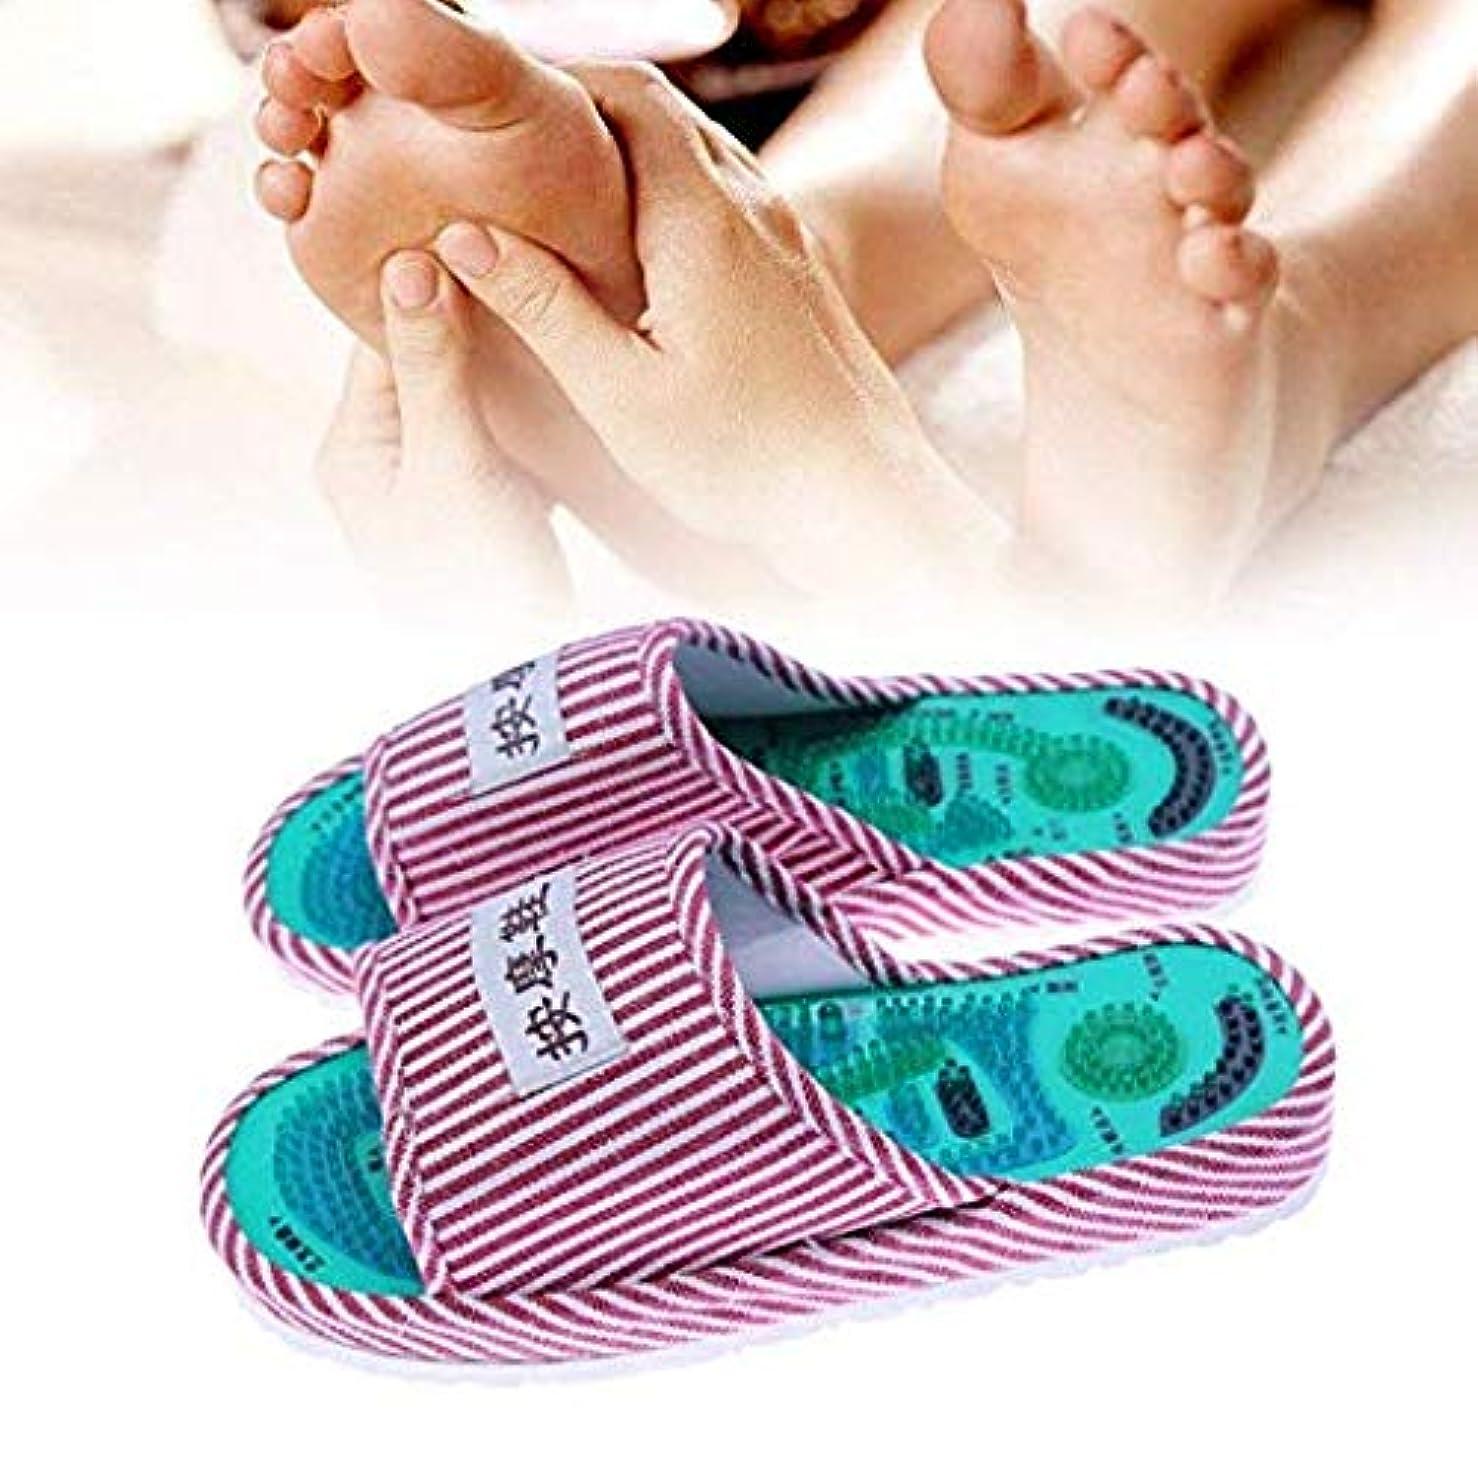 数字性交体操1ペアアキュポイントマッサージスリッパ縞模様リフレクソロジーフットプロモーション血液循環リラクゼーションコットンフットケアシューズ 1 Pair Acupoint Massage Slipper Striped Pattern Reflexology Foot Promote Blood Circulation Relaxation Cotton Foot Care Shoes (青 白/blue white)